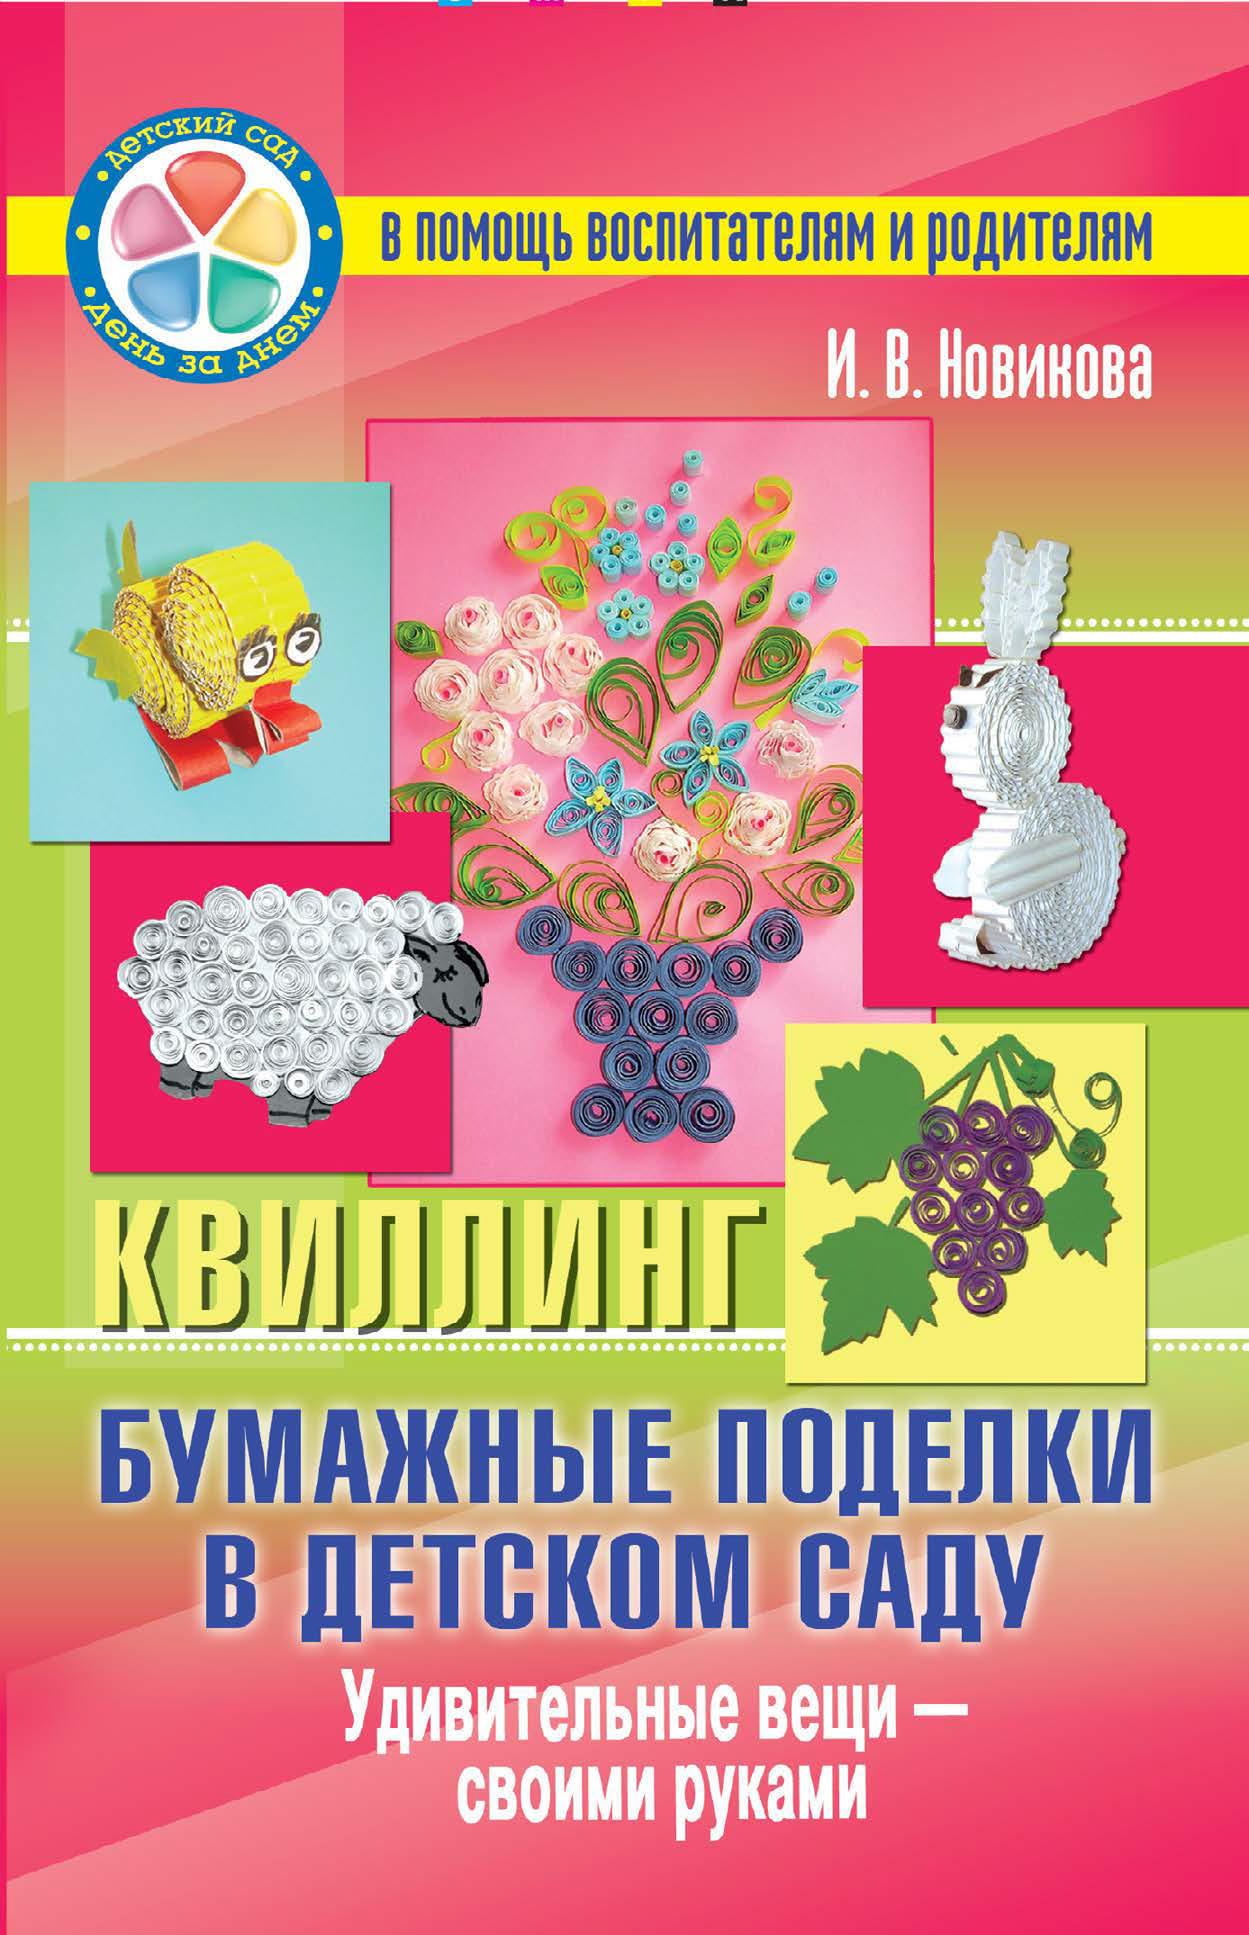 И. В. Новикова Бумажные поделки в детском саду. Квиллинг. Удивительные вещи – своими руками матильда пэрис в детском саду